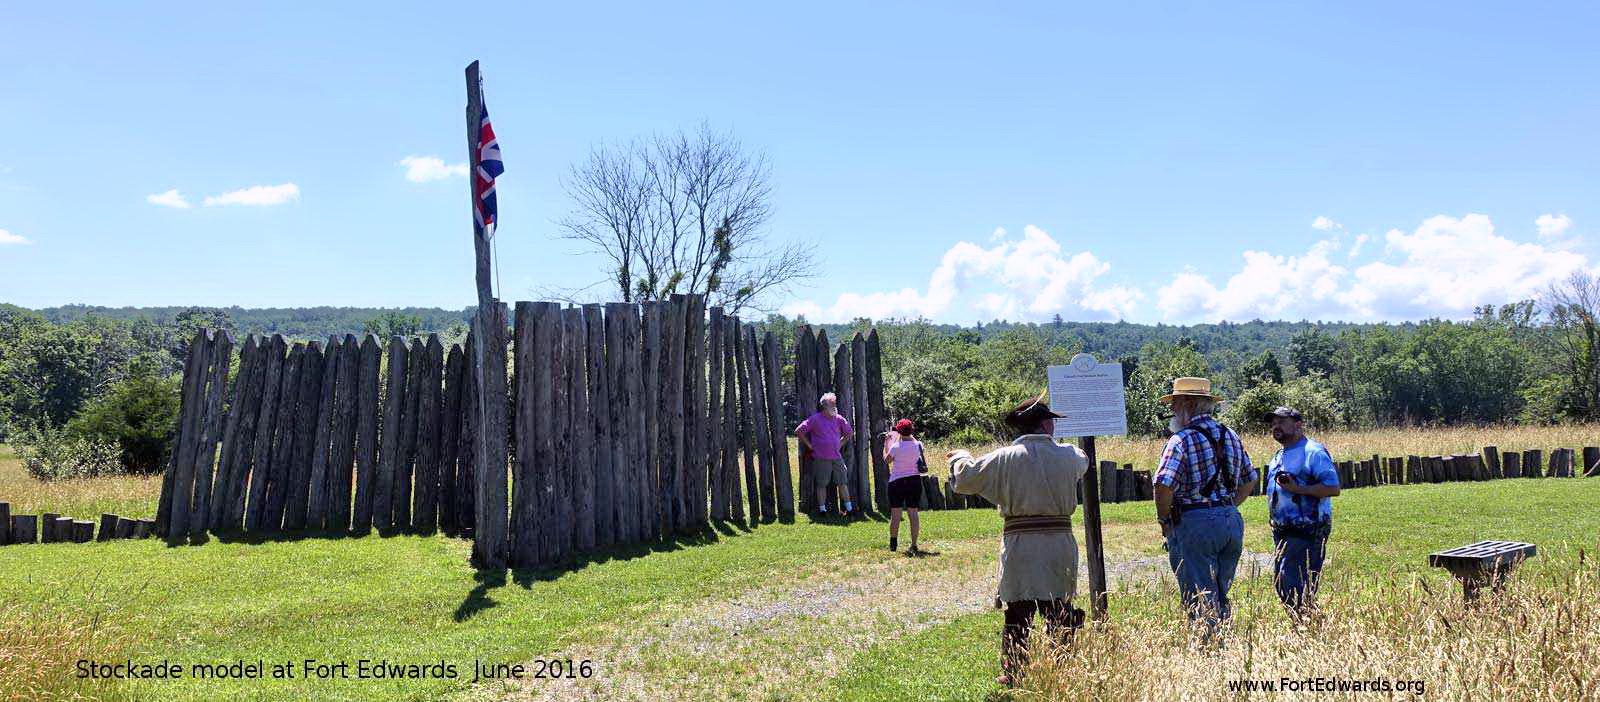 Fort Edwards Stockade.